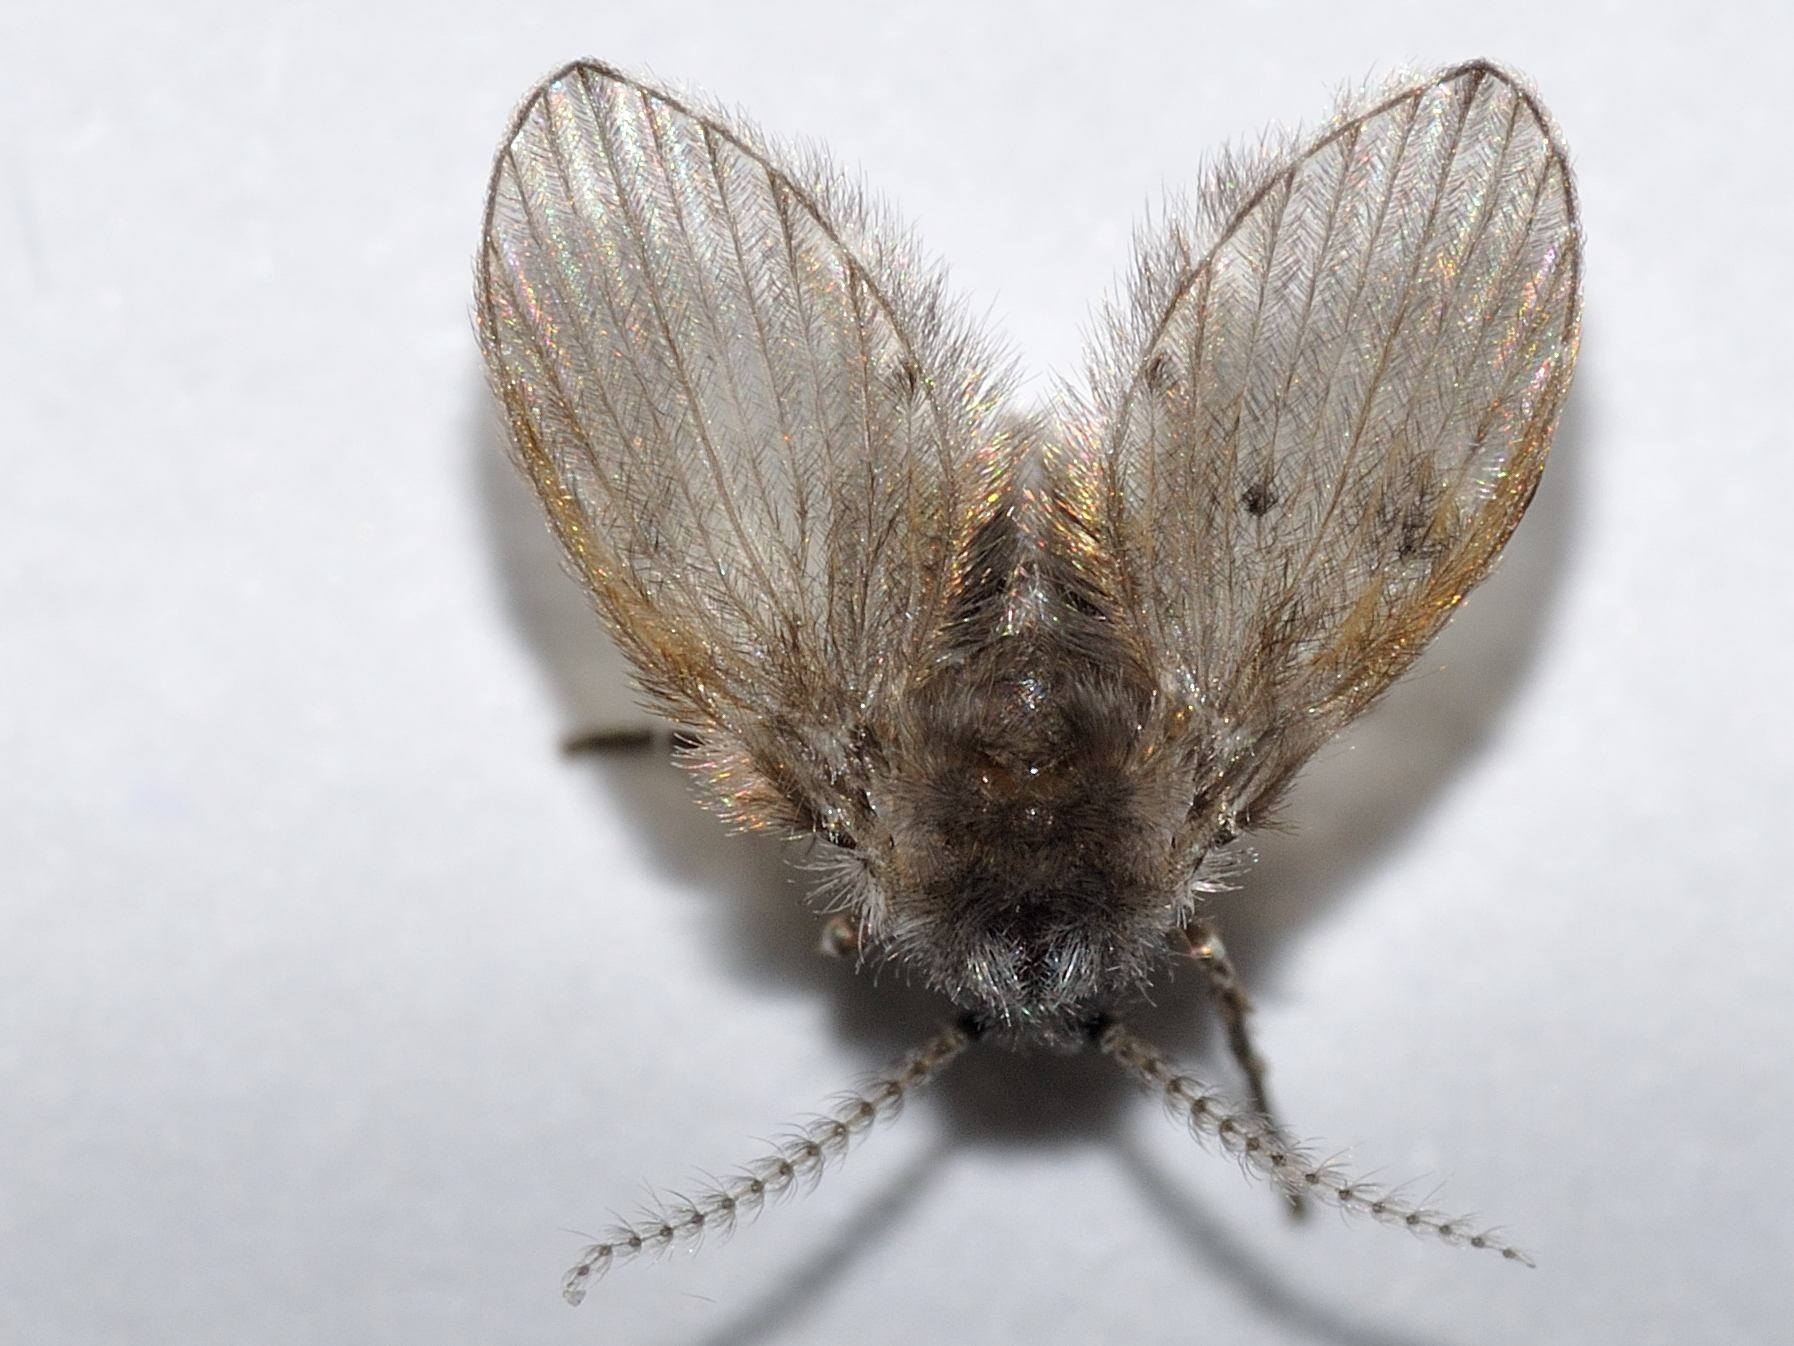 Vasca Da Bagno Wikipedia : Insetti simili mosche in bagno.. cosa sono? psychodidae forum